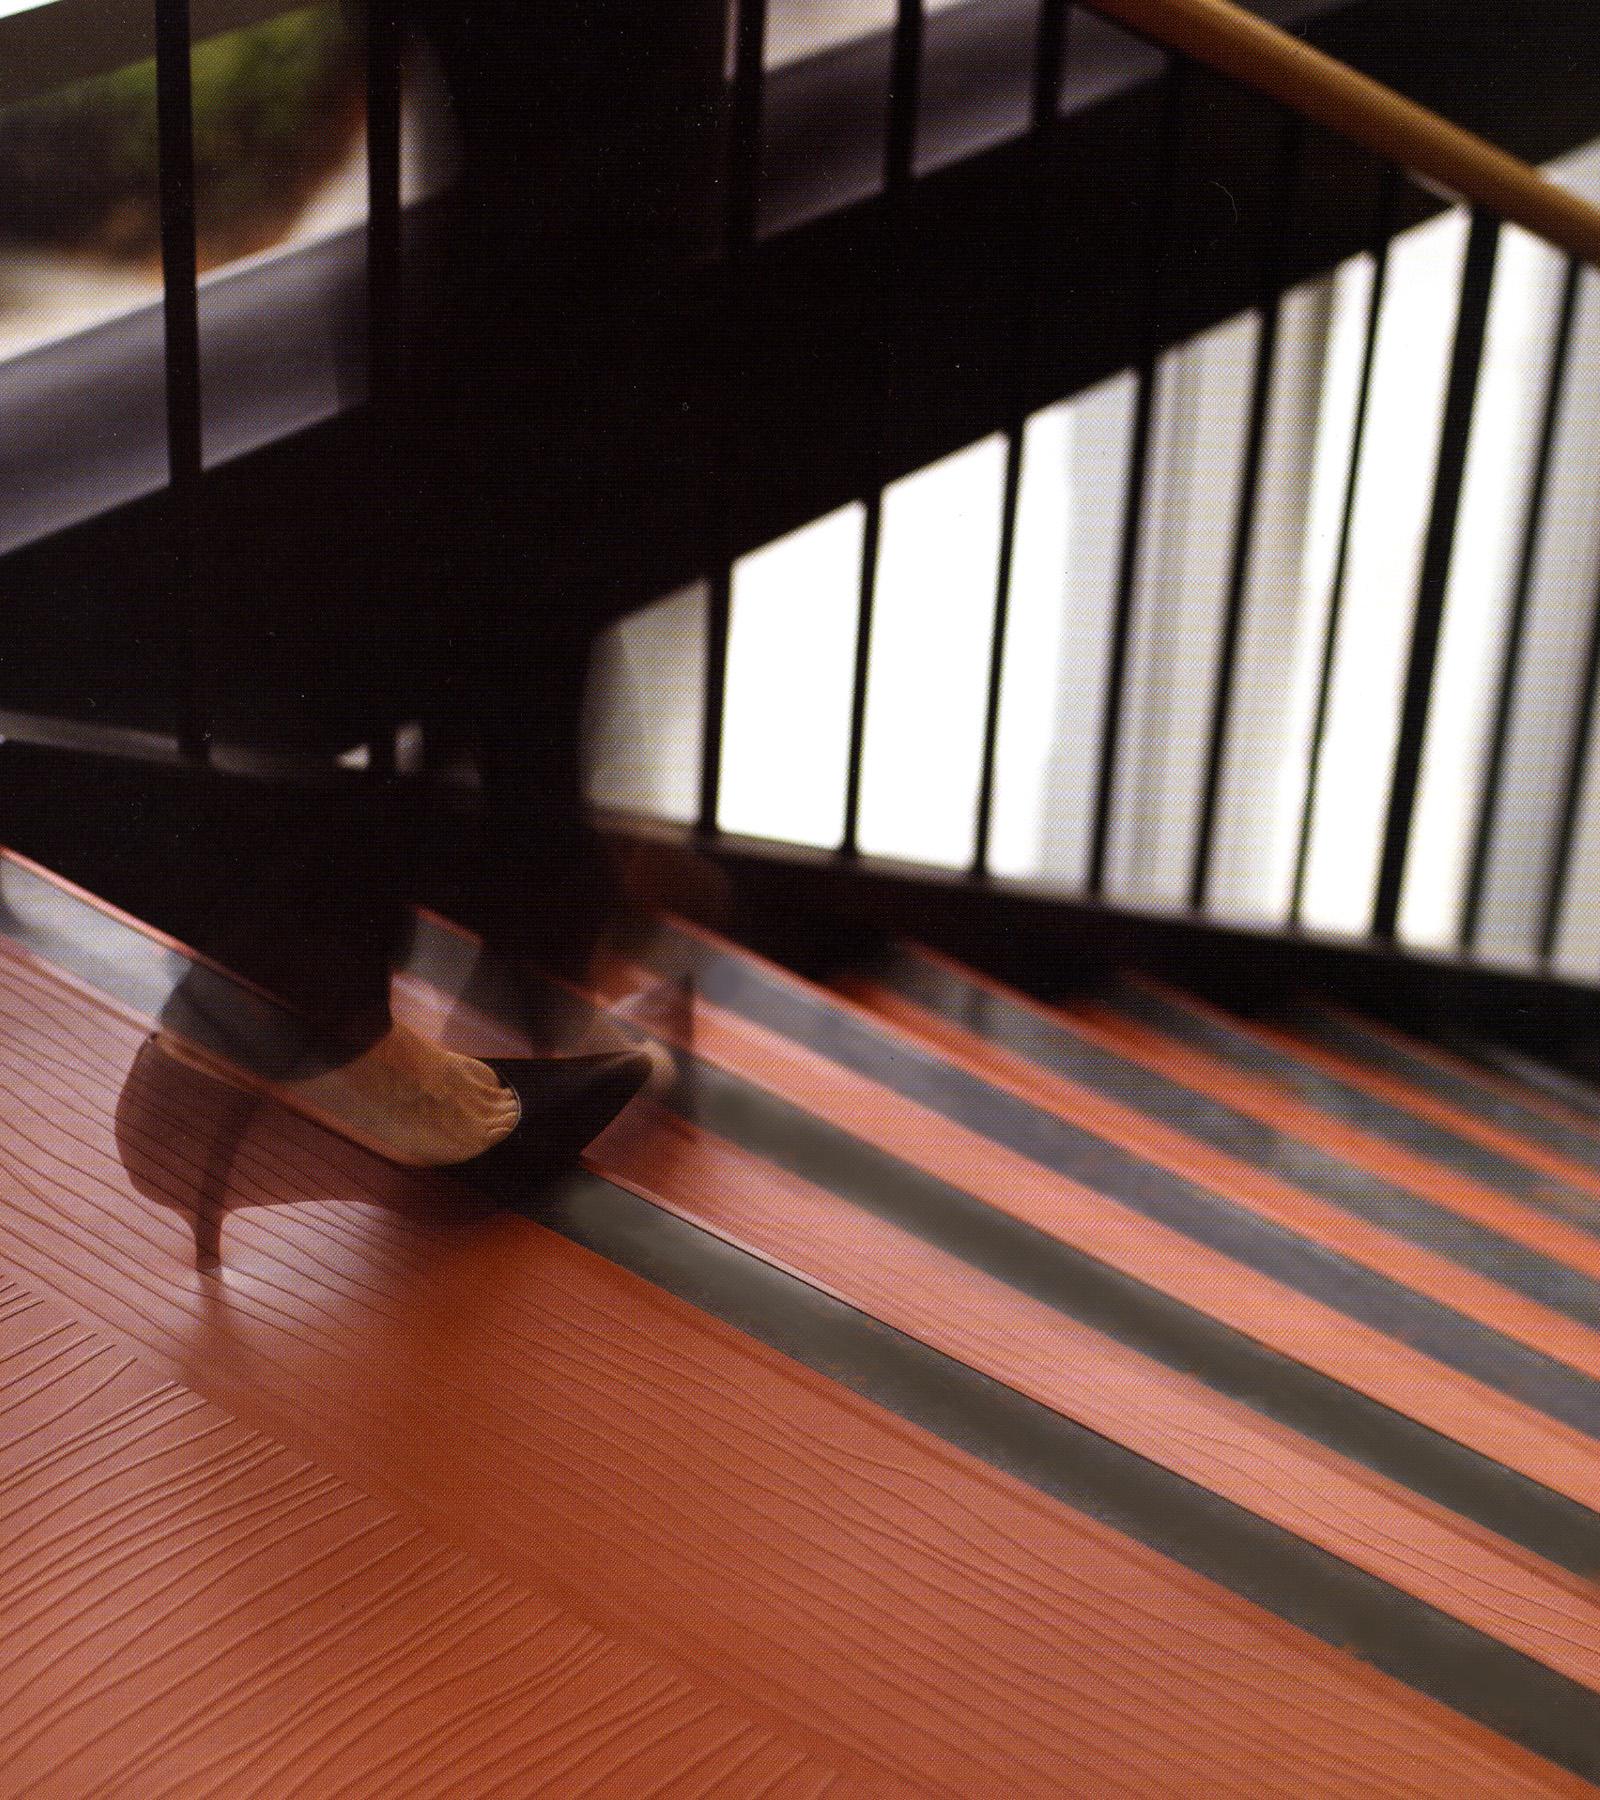 New AntiSlip Grit Tape for Safer Vinyl and Rubber Stair